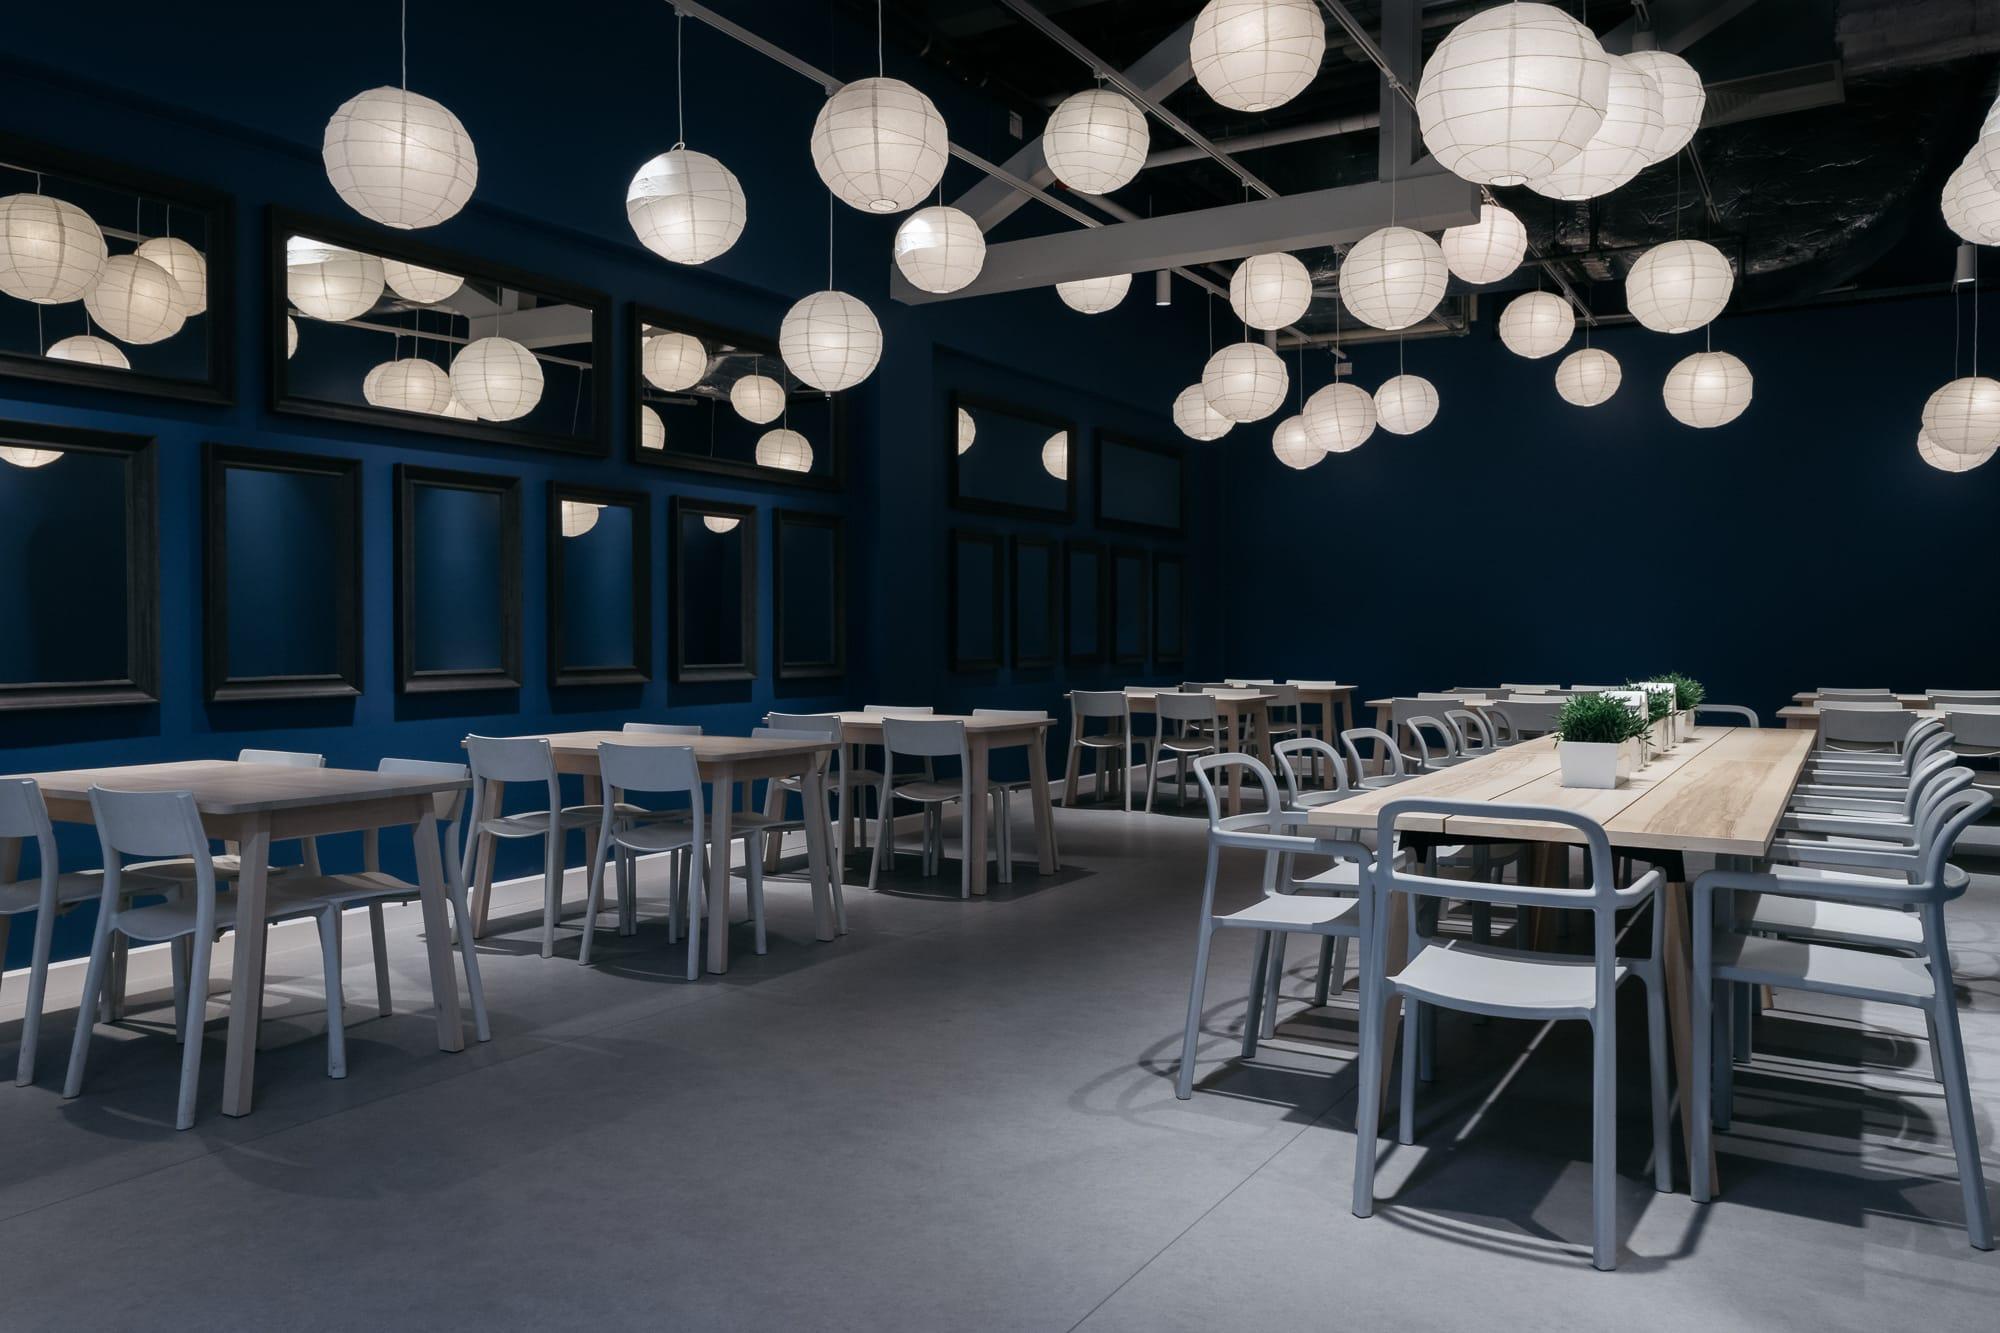 yarmush-interiors-IKEA-1904230455-2